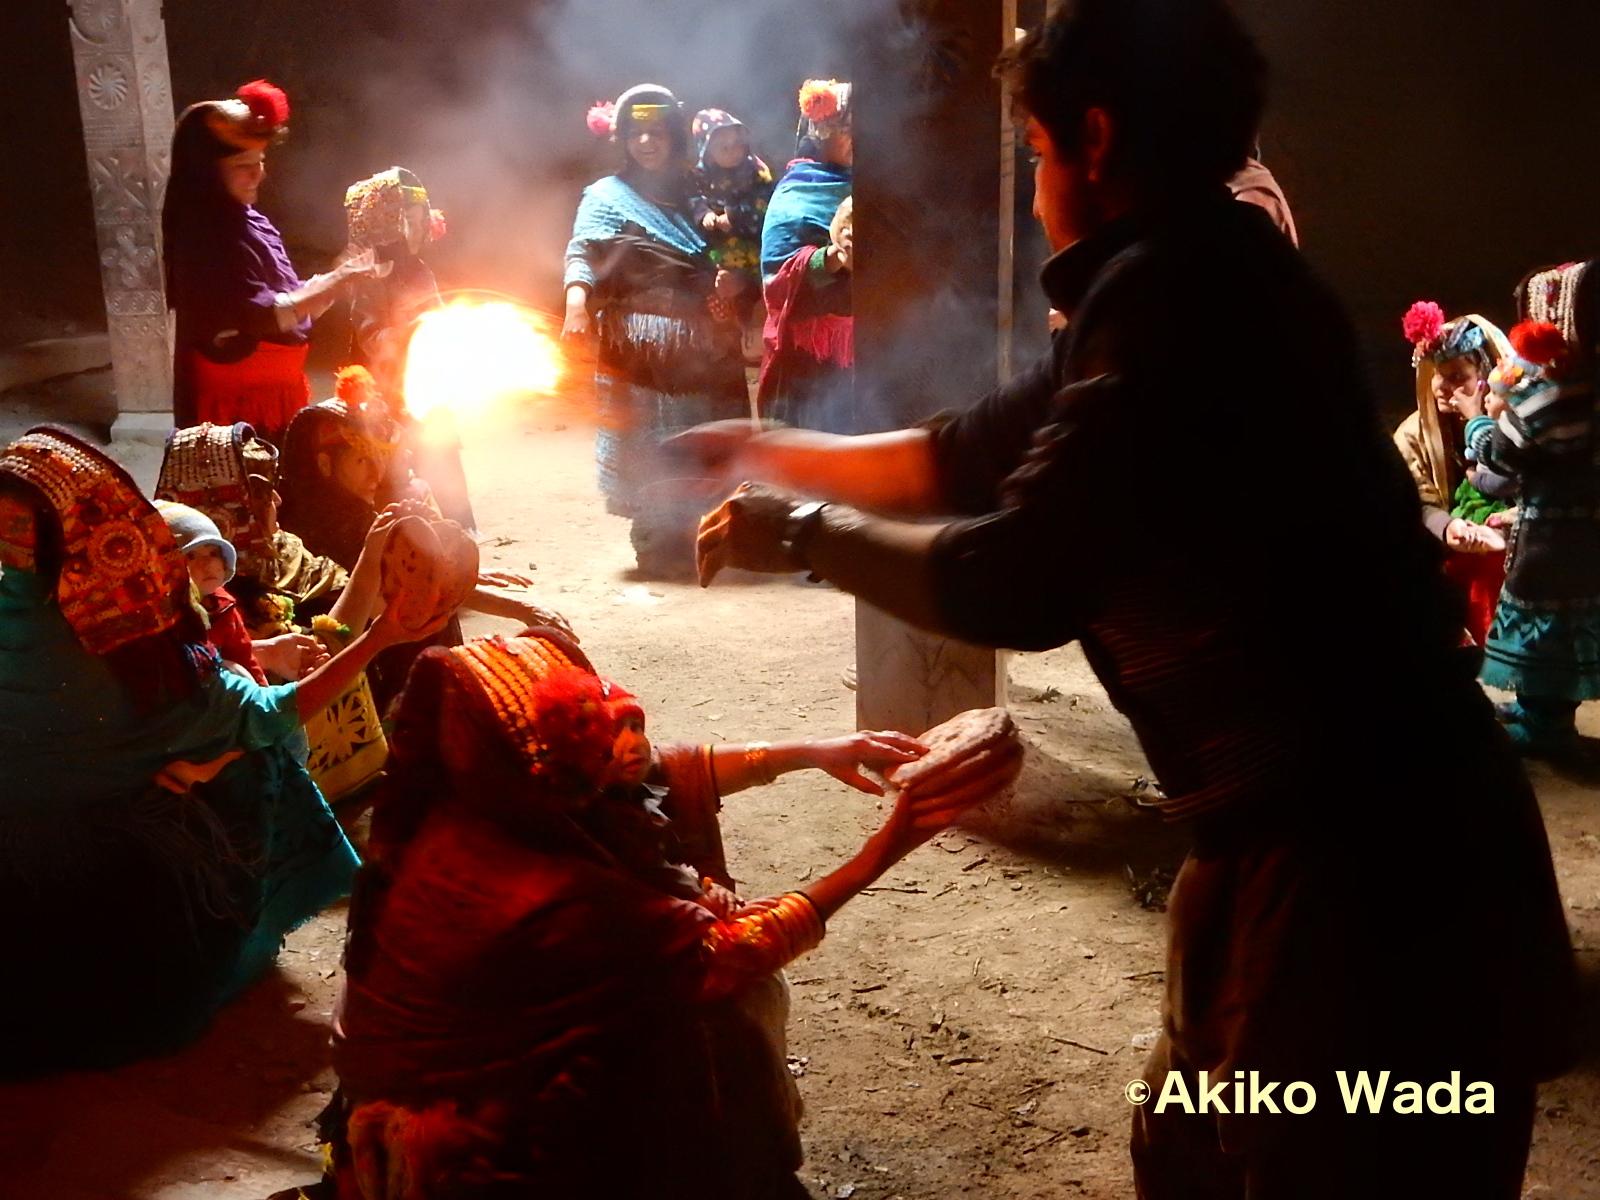 先祖の地からバリマイン神が訪れる前に、浄めの儀礼を受ける女たち。家族の男から注がれる水で手を洗い、男が焼いた5枚のクルミパンを持ち、聖なるネズの枝の火を頭上に3回まわしてもらう。神社のお祓いに似てる。